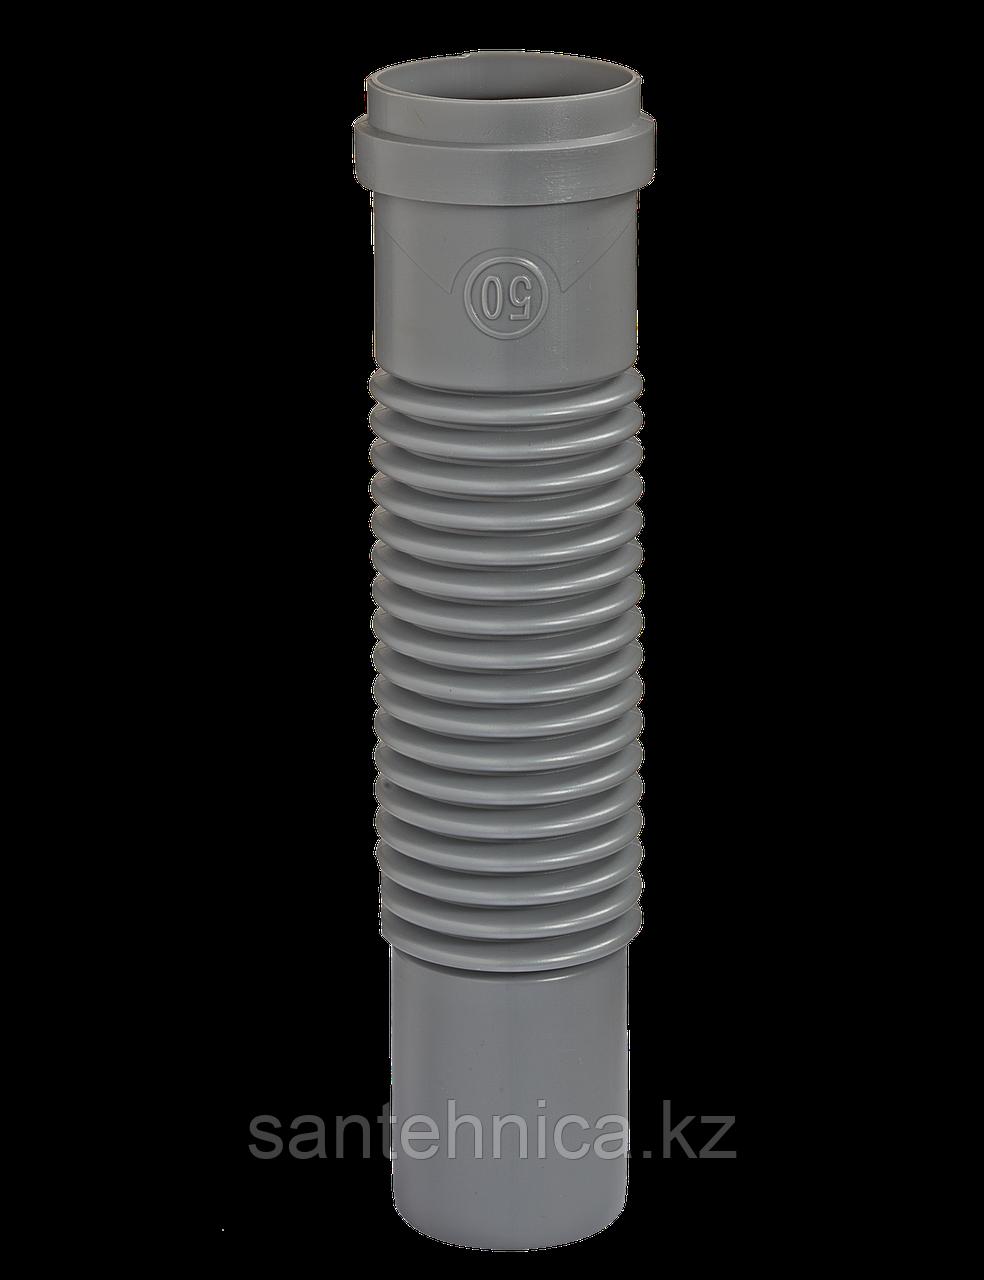 Отвод с раструбом Ду50 СКГ50 Орио гибкий